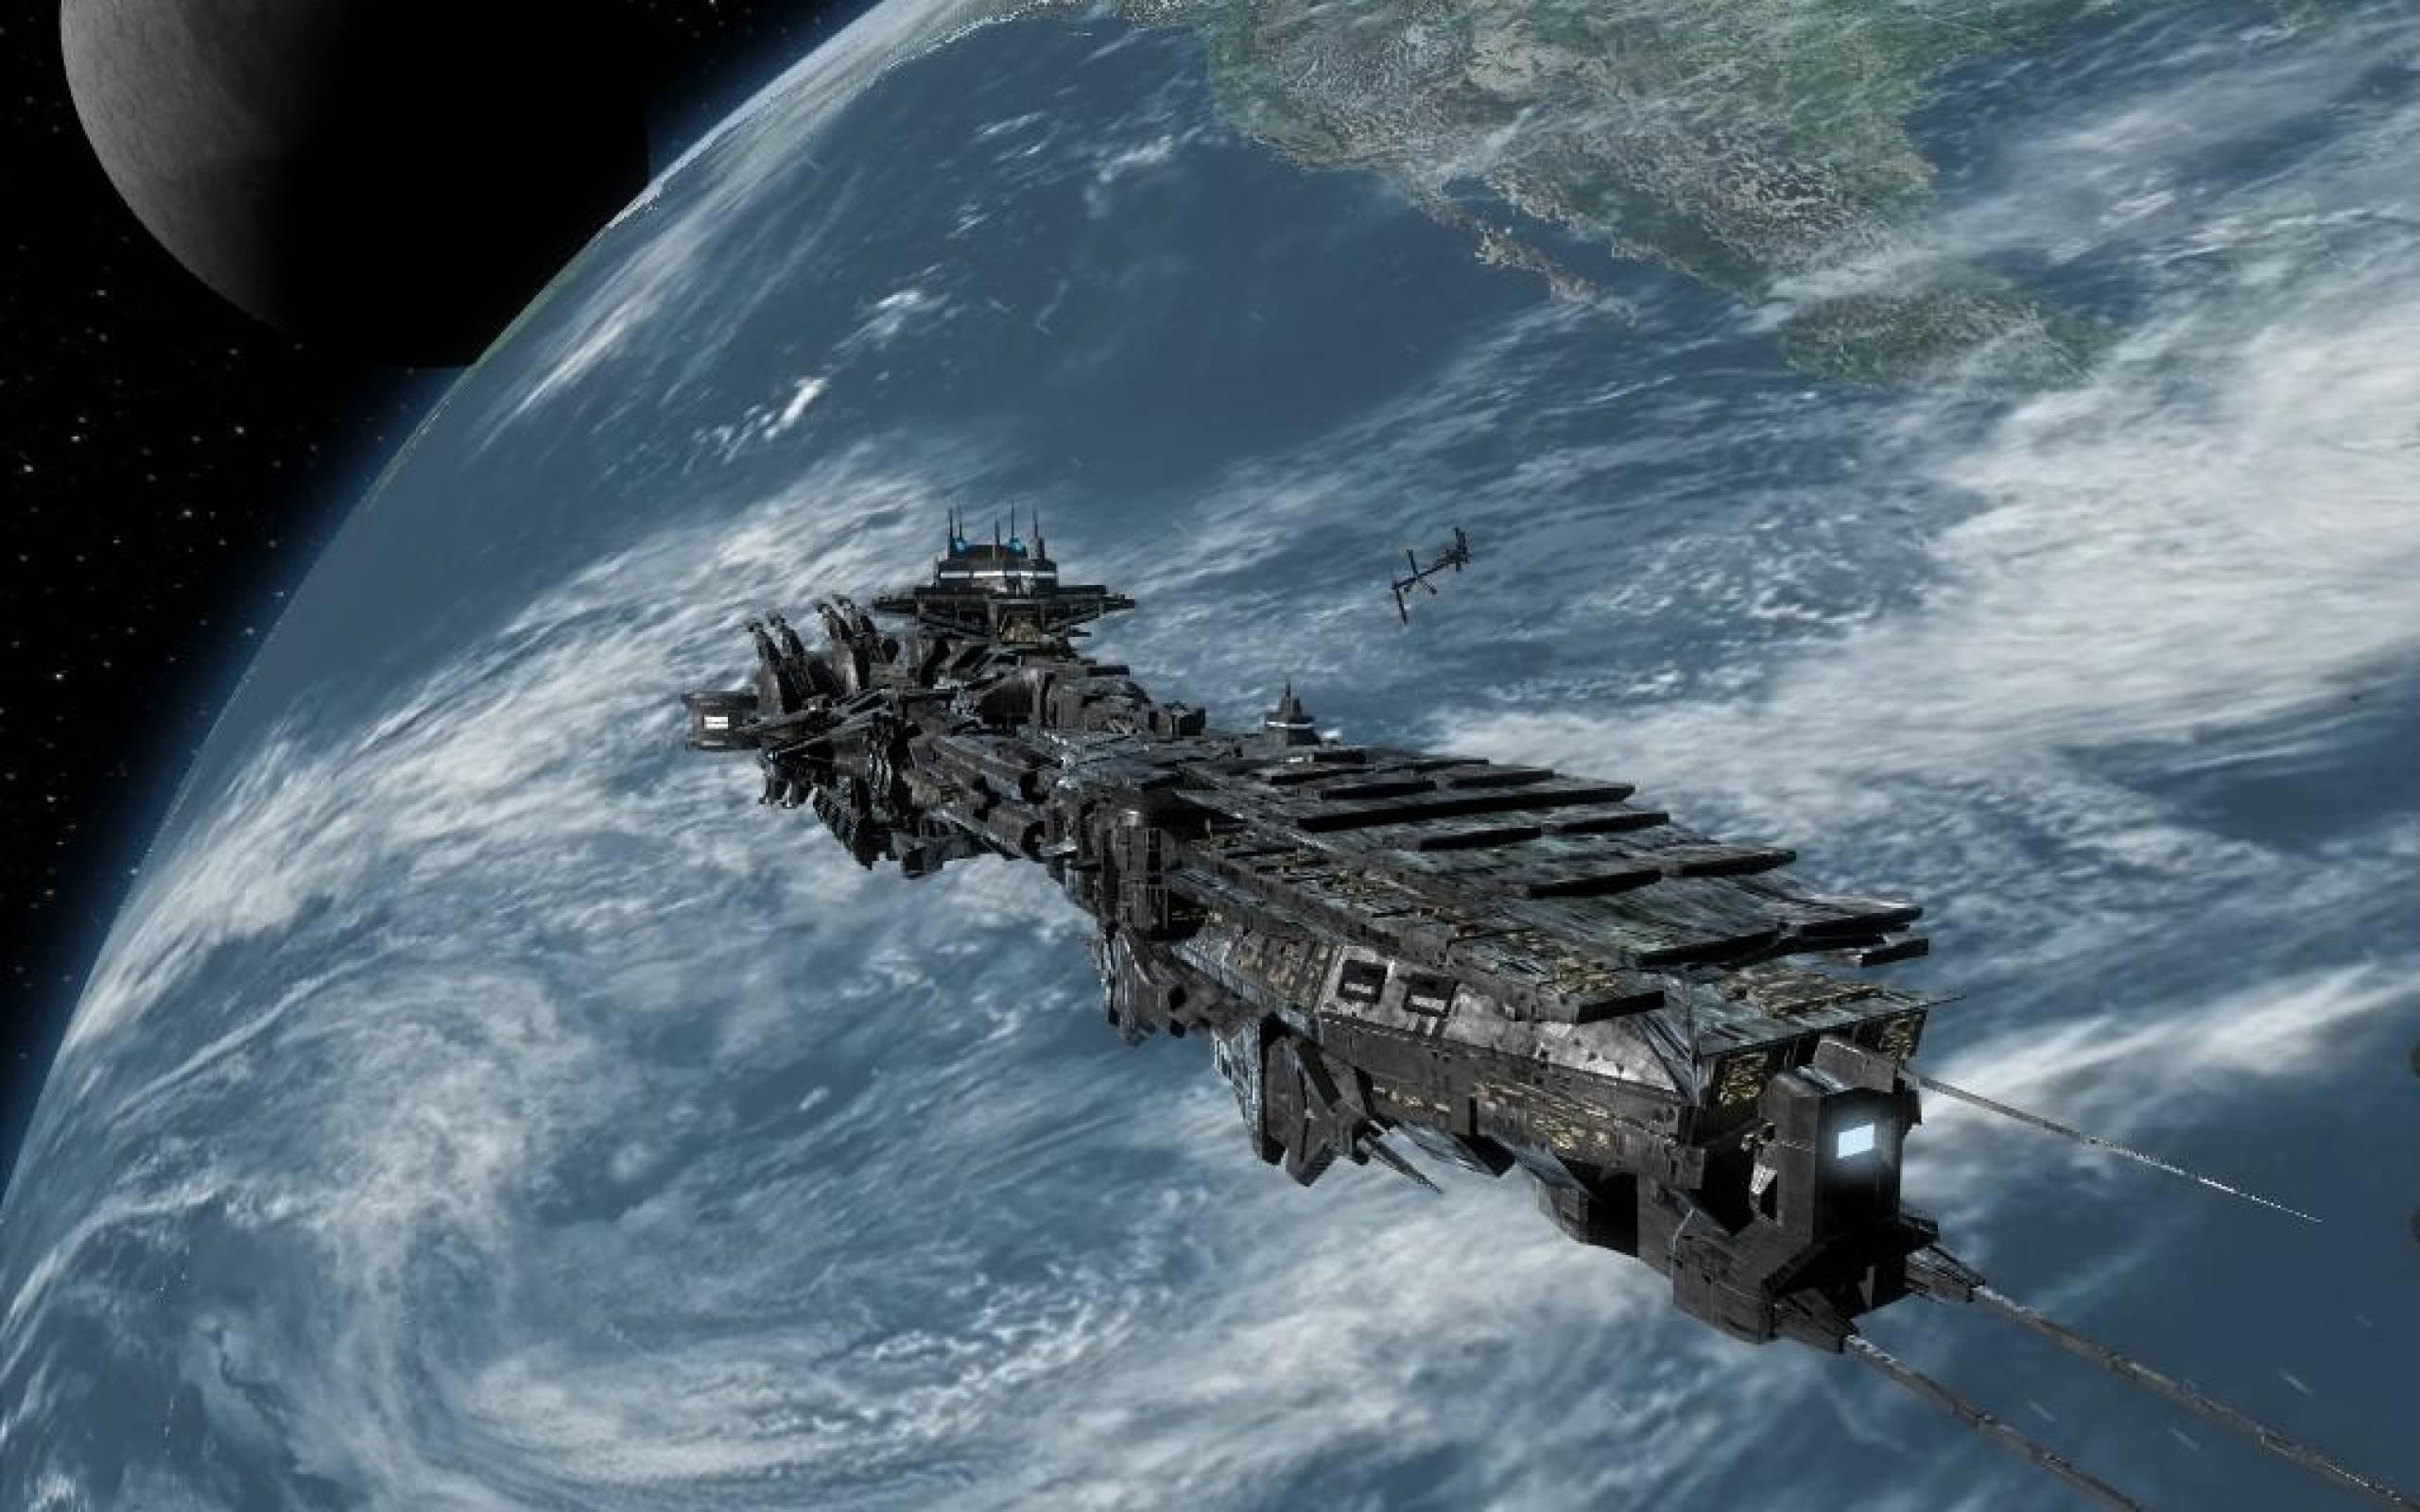 spaceship Computer Wallpapers, Desktop Backgrounds 2560x1600 Id ...